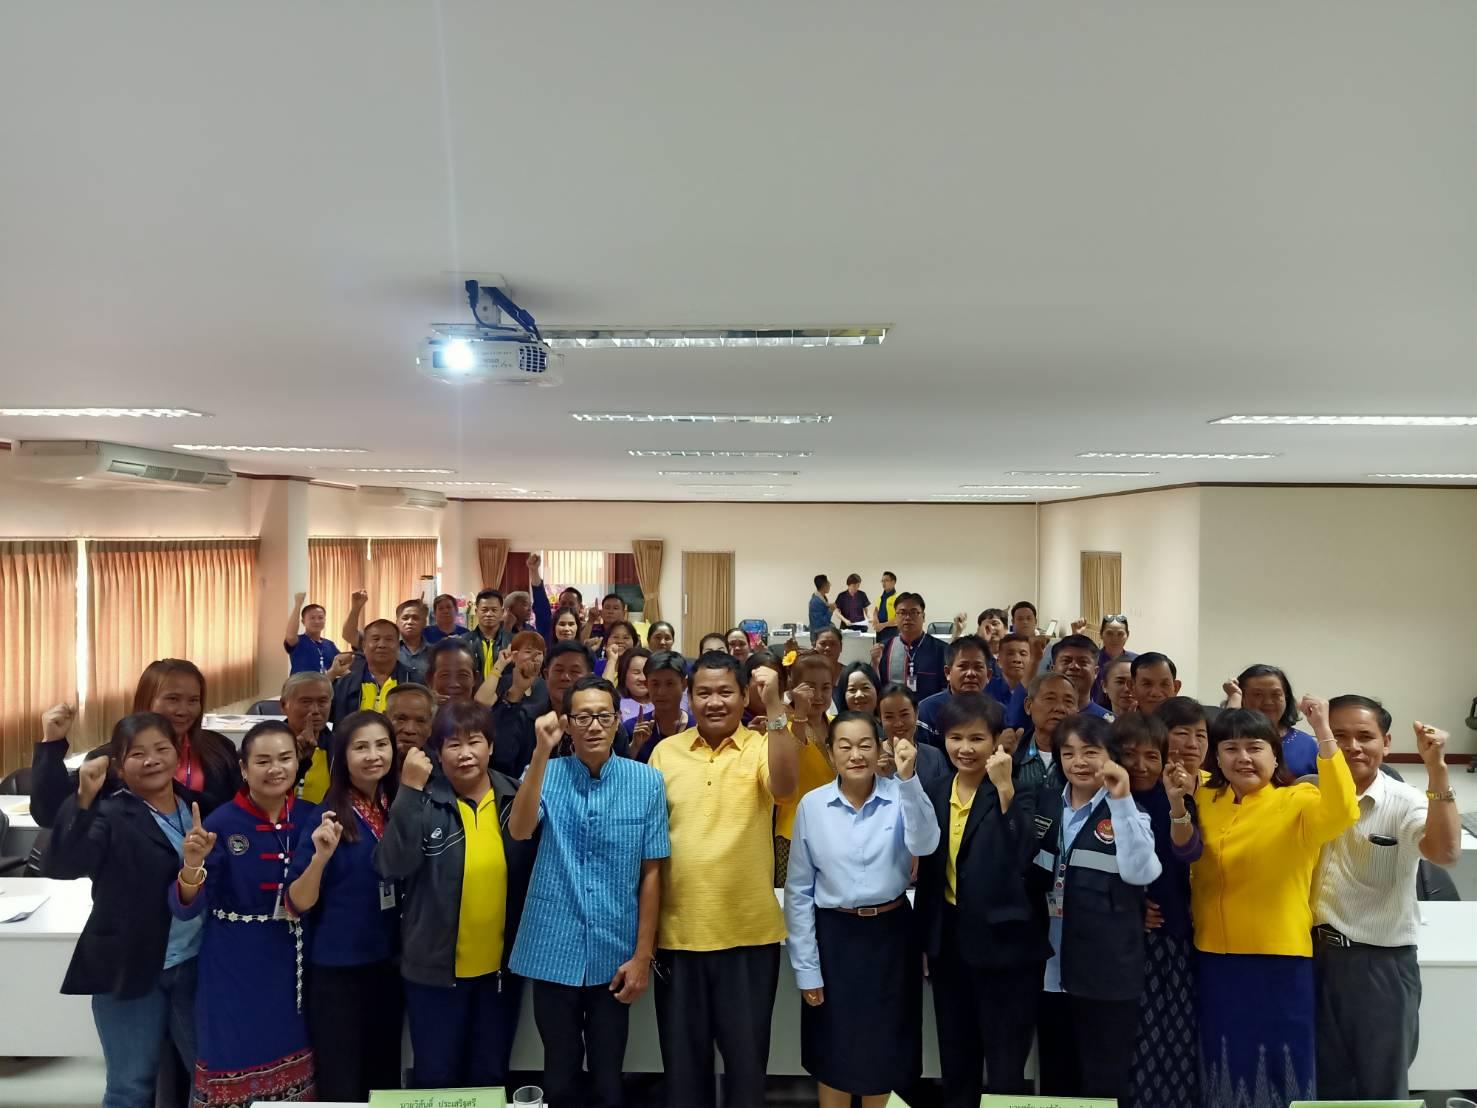 สำนักงานแรงงานจังหวัดนครพนม จัดประชุมอาสาสมัครแรงงานประจำเดือนมกราคม 2563